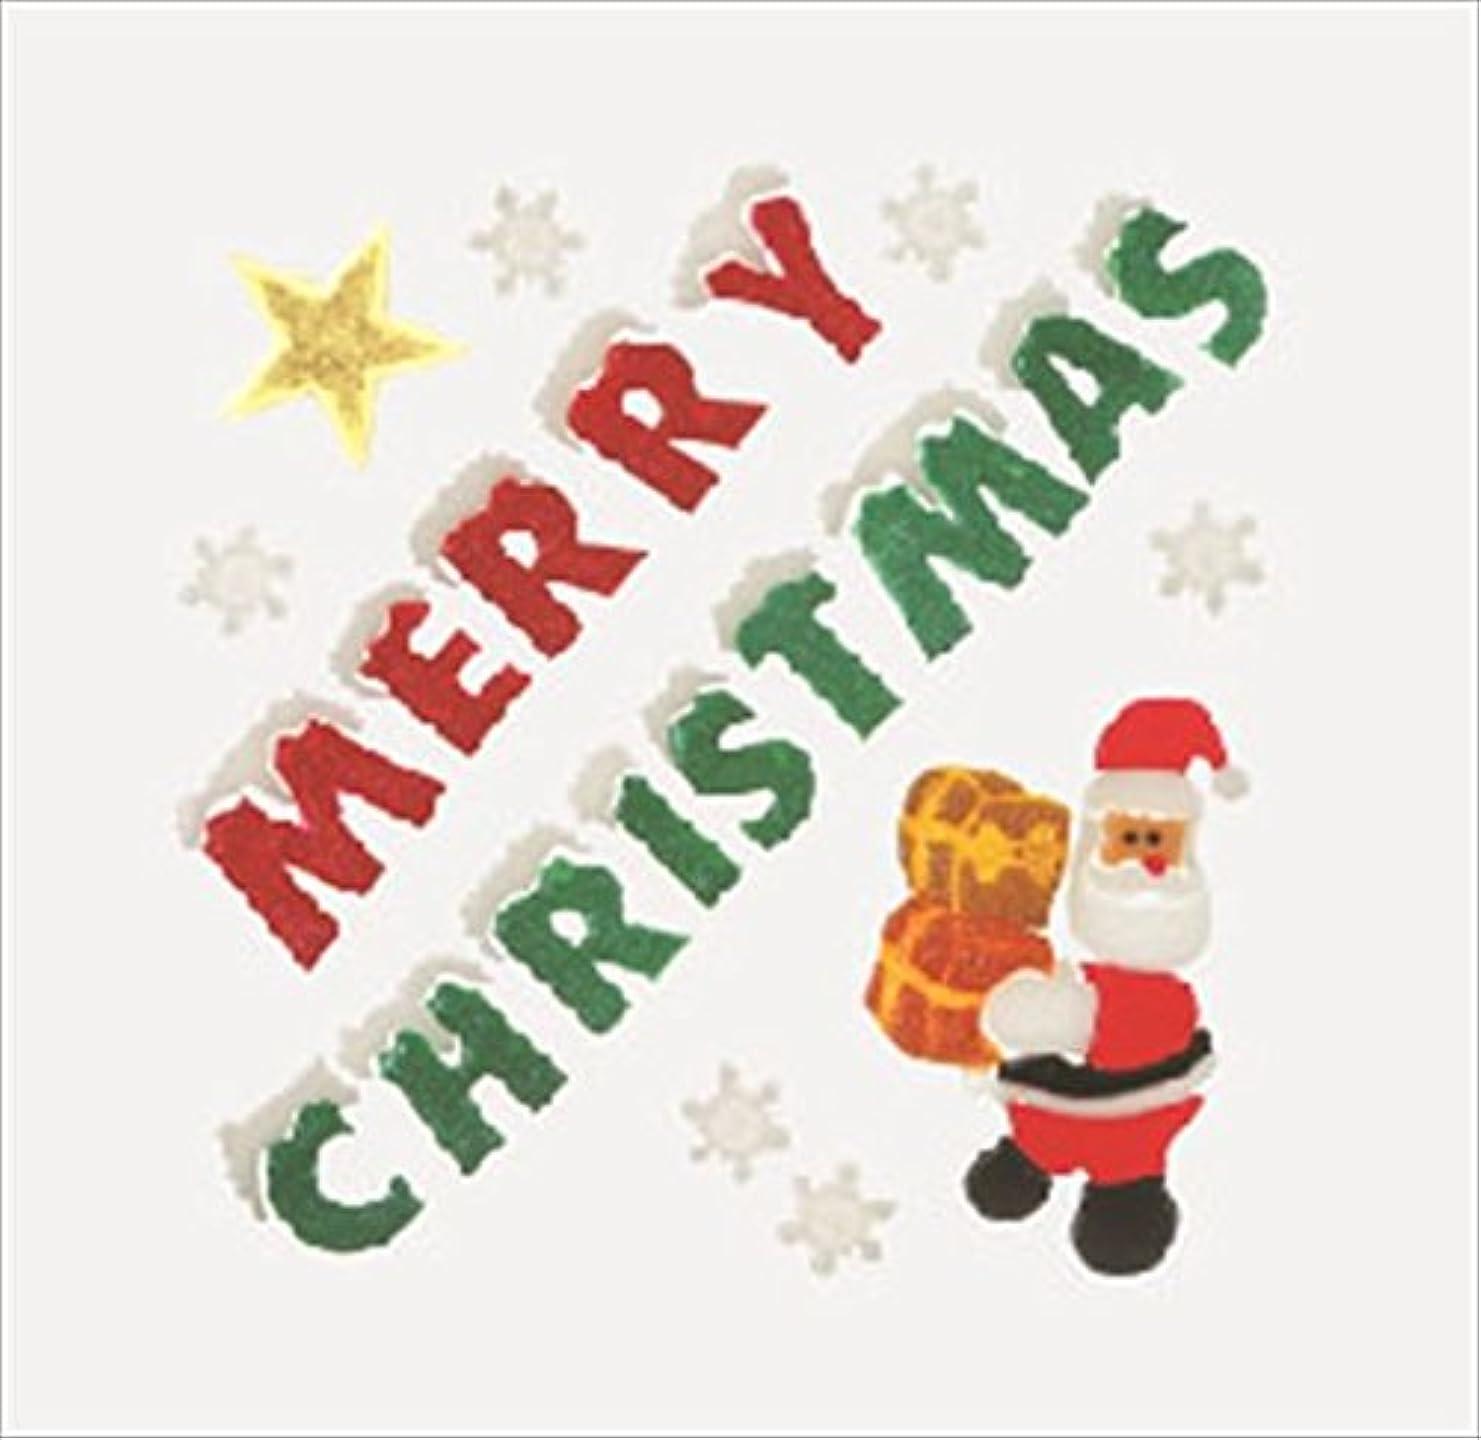 思われるアサー飛躍ジェルジェム(GelGems) ジェルジェムバッグL 「 クリスマスサンタ 」